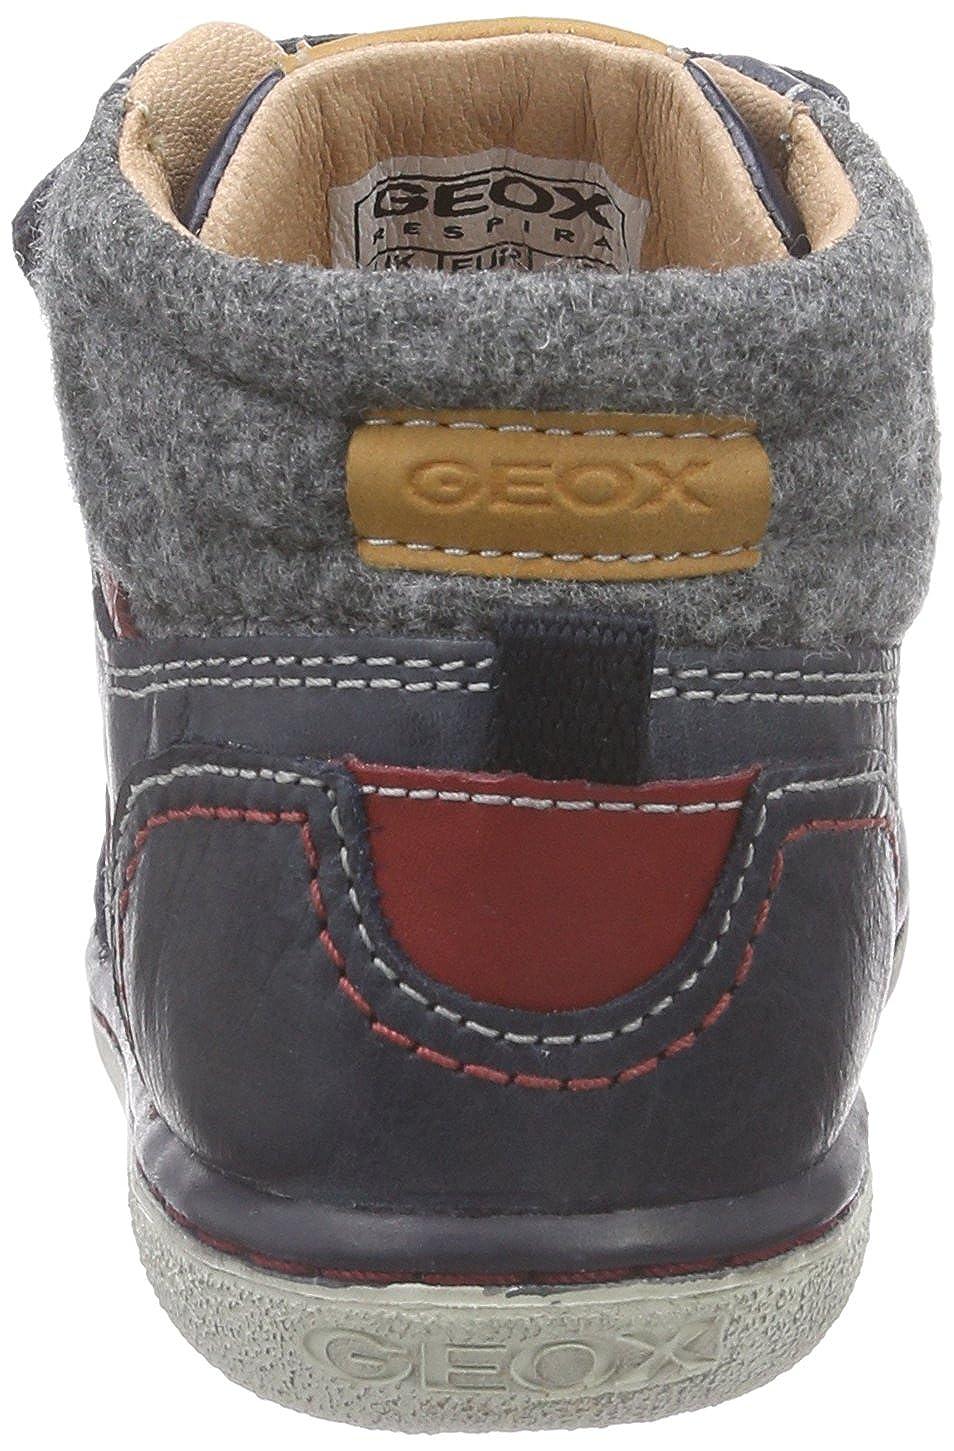 Geox B Flick Boy B - Zapatillas de cuero para niño, Azul (c4075dk navy/red), 26: Amazon.es: Zapatos y complementos